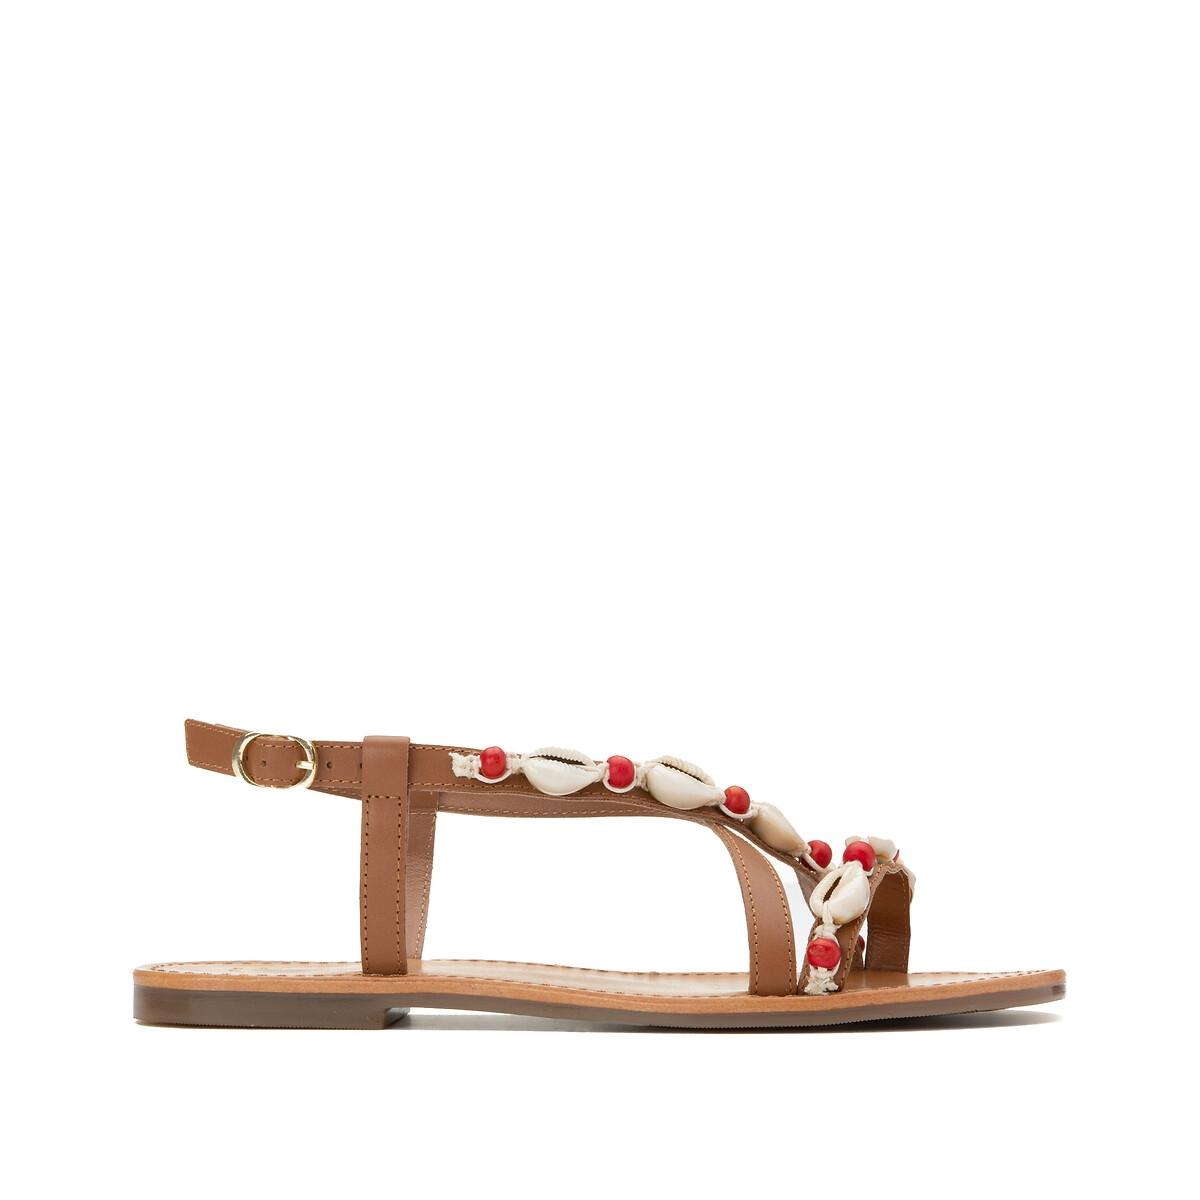 Sandalias de piel con correas y detalles de conchas